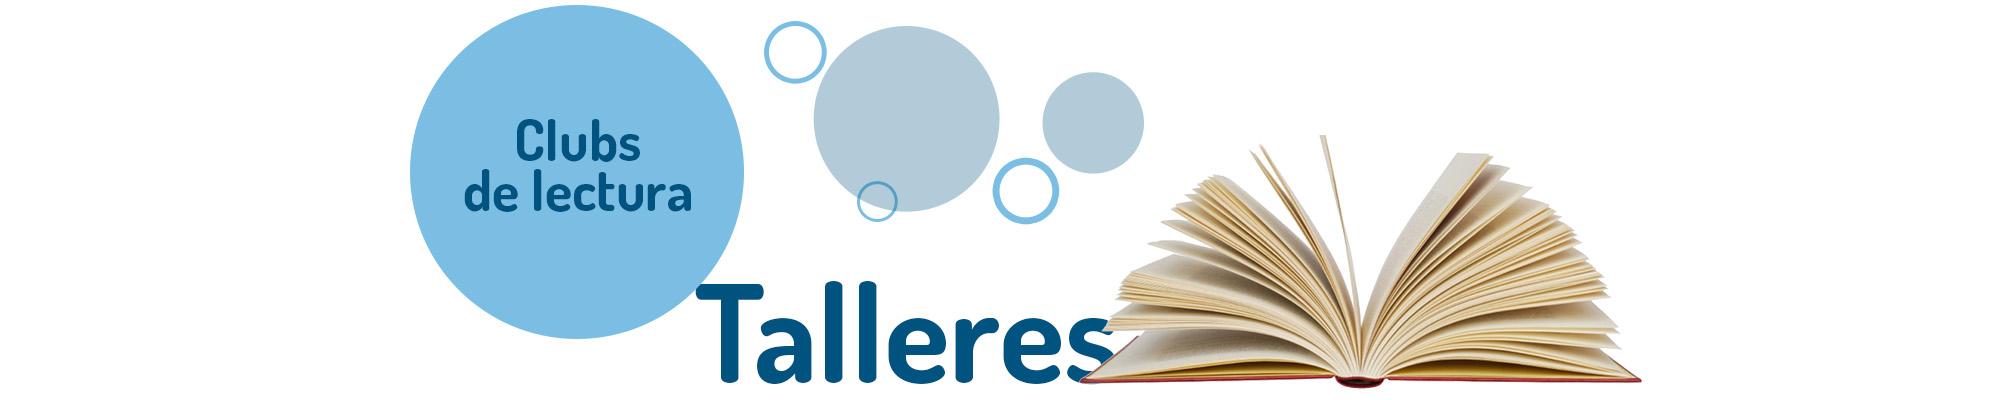 slider_talleres